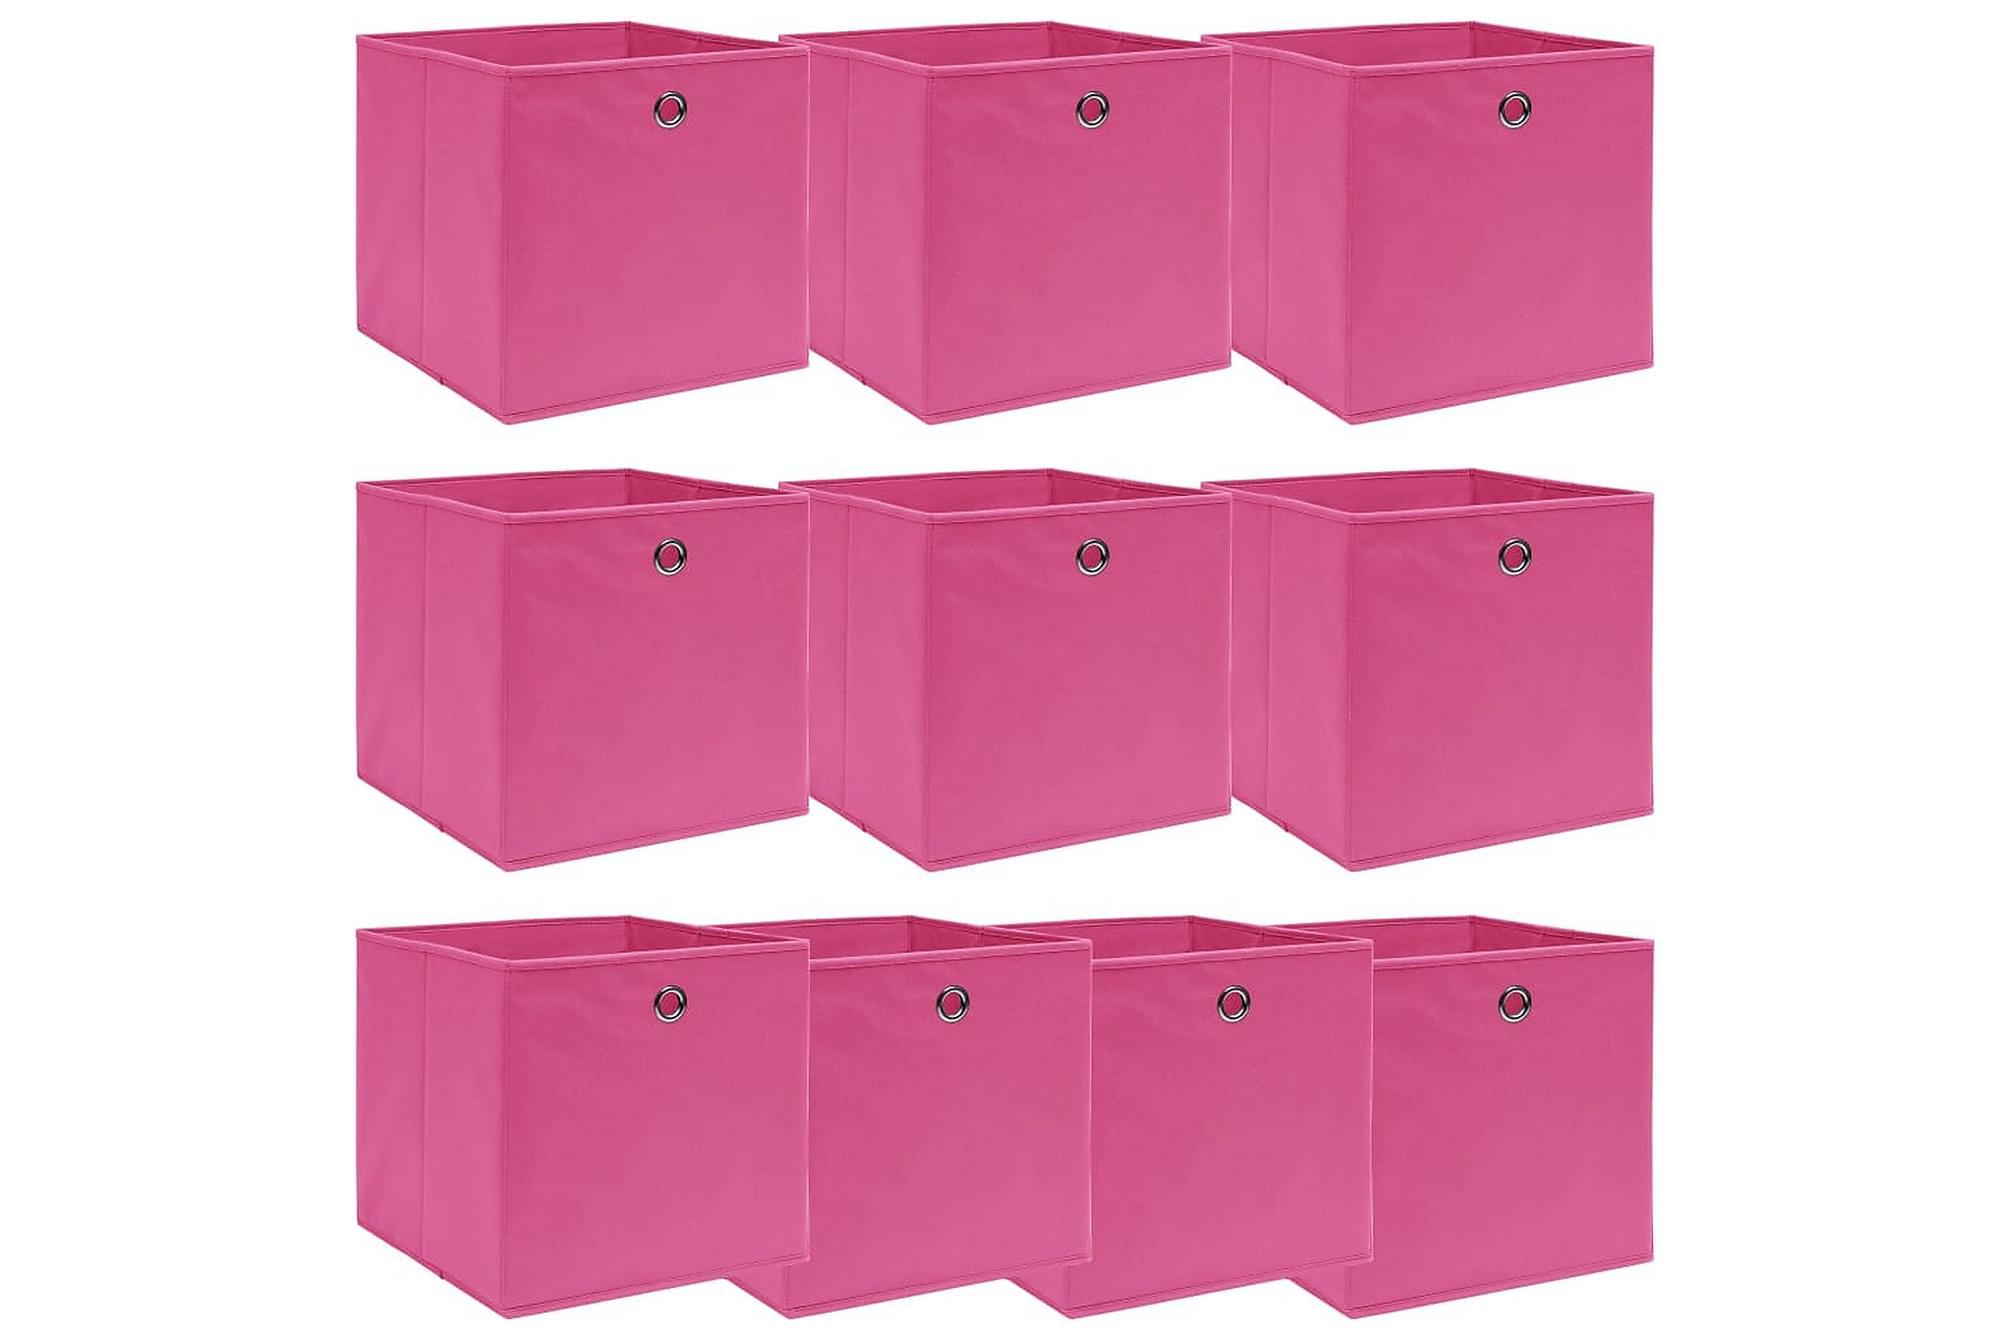 Förvaringslådor 10 st rosa 32x32x32 cm tyg, Förvaringslådor & korgar